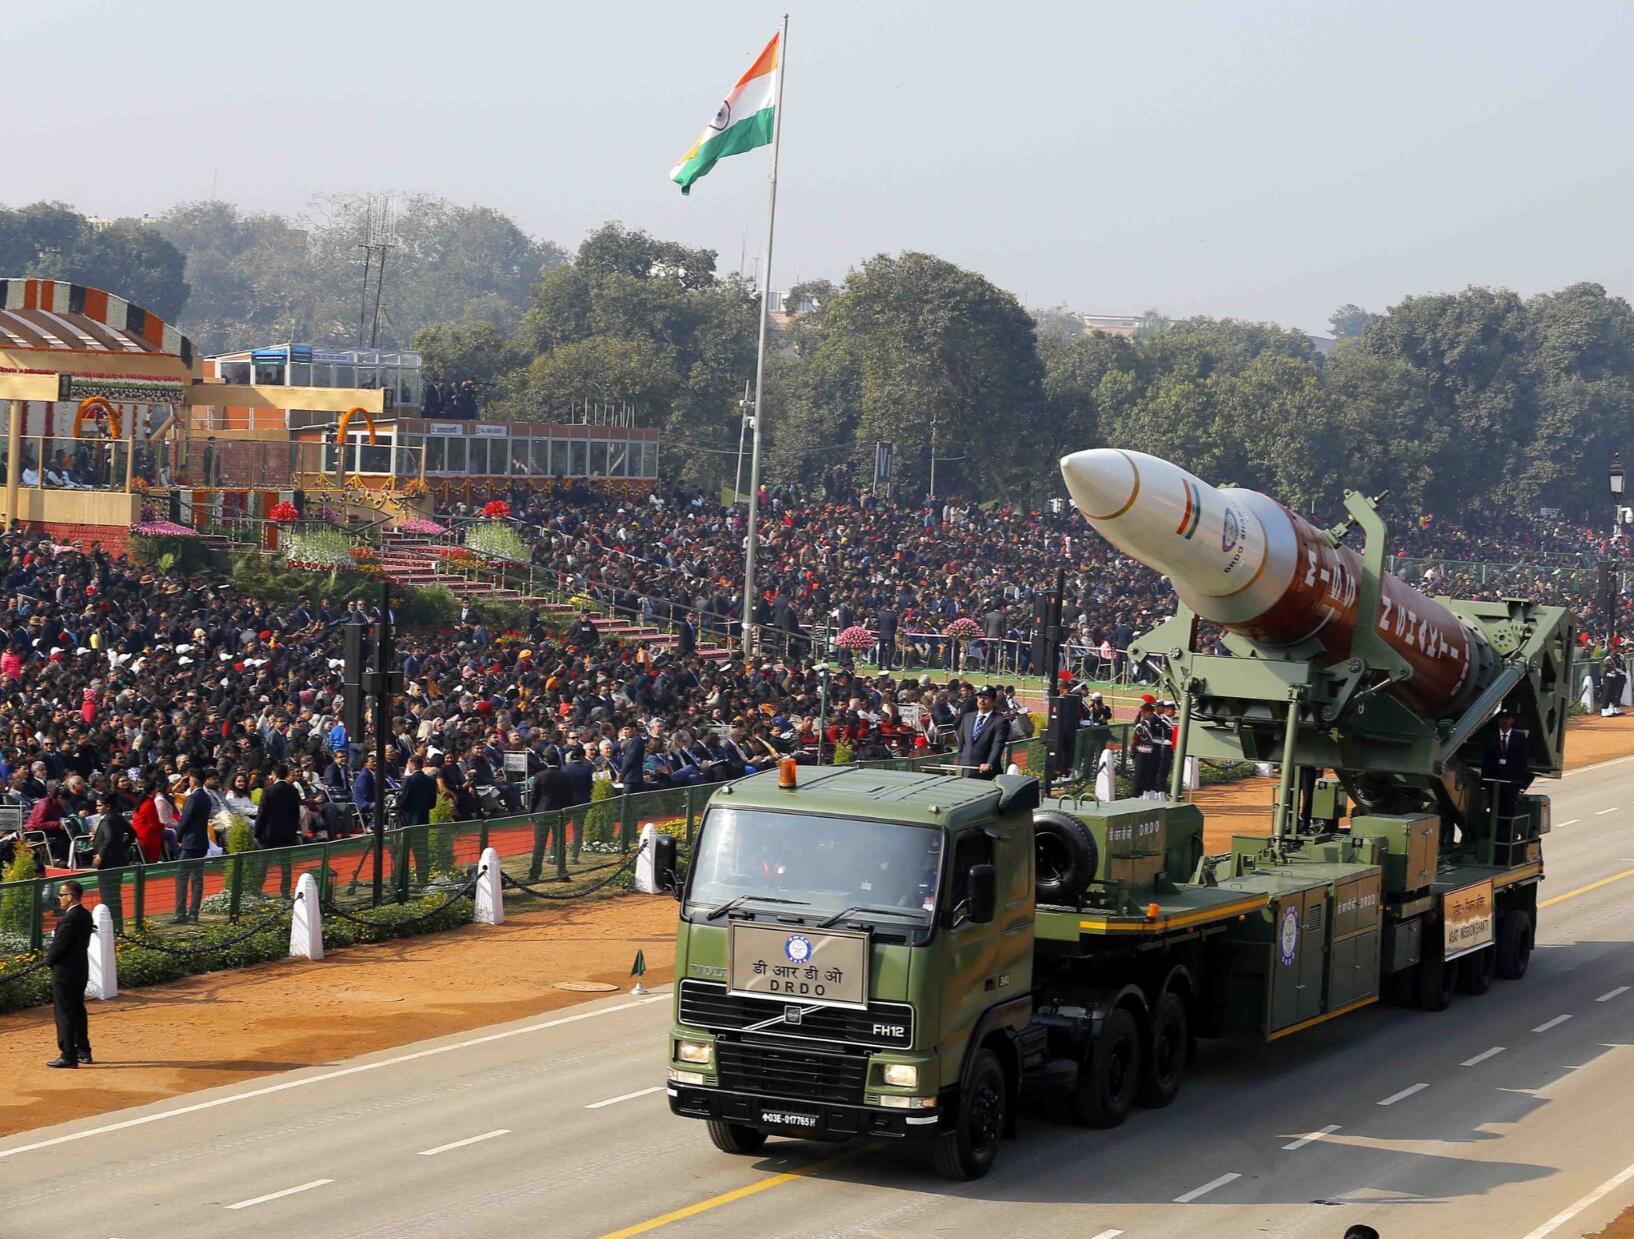 印度大阅兵亮出多款新武器 硕大反卫星拦截弹抢眼